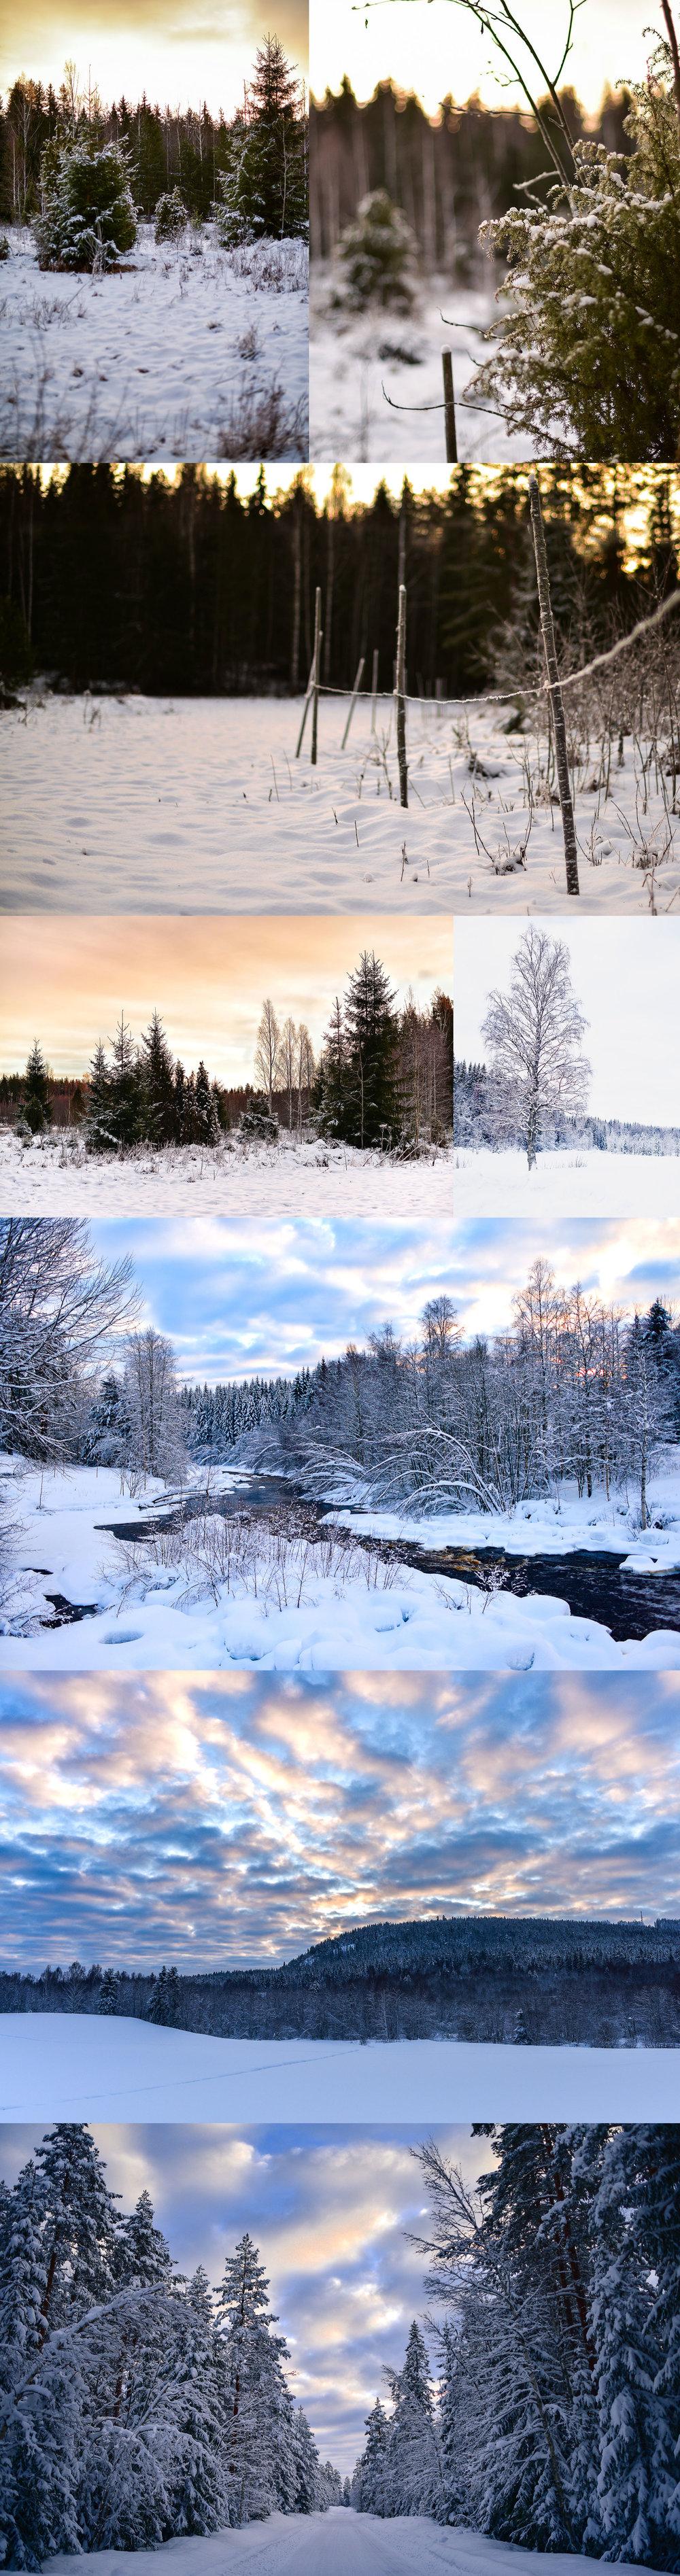 Vinterbilder.jpg